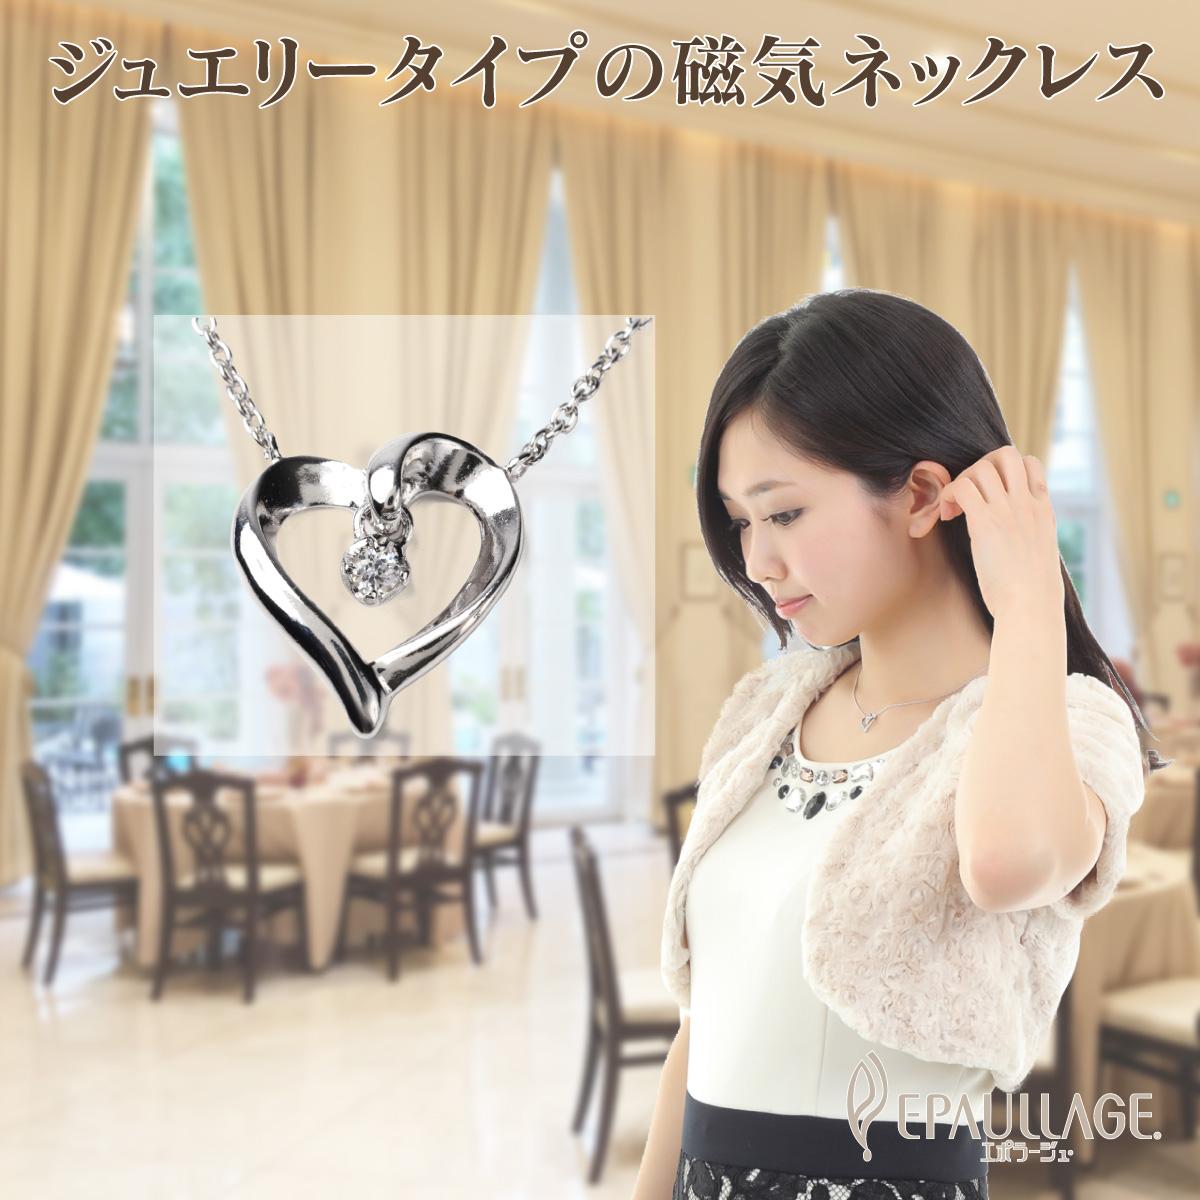 エポラージュ®磁気ネックレス シルバー925製シリーズ 女性用 ep#s